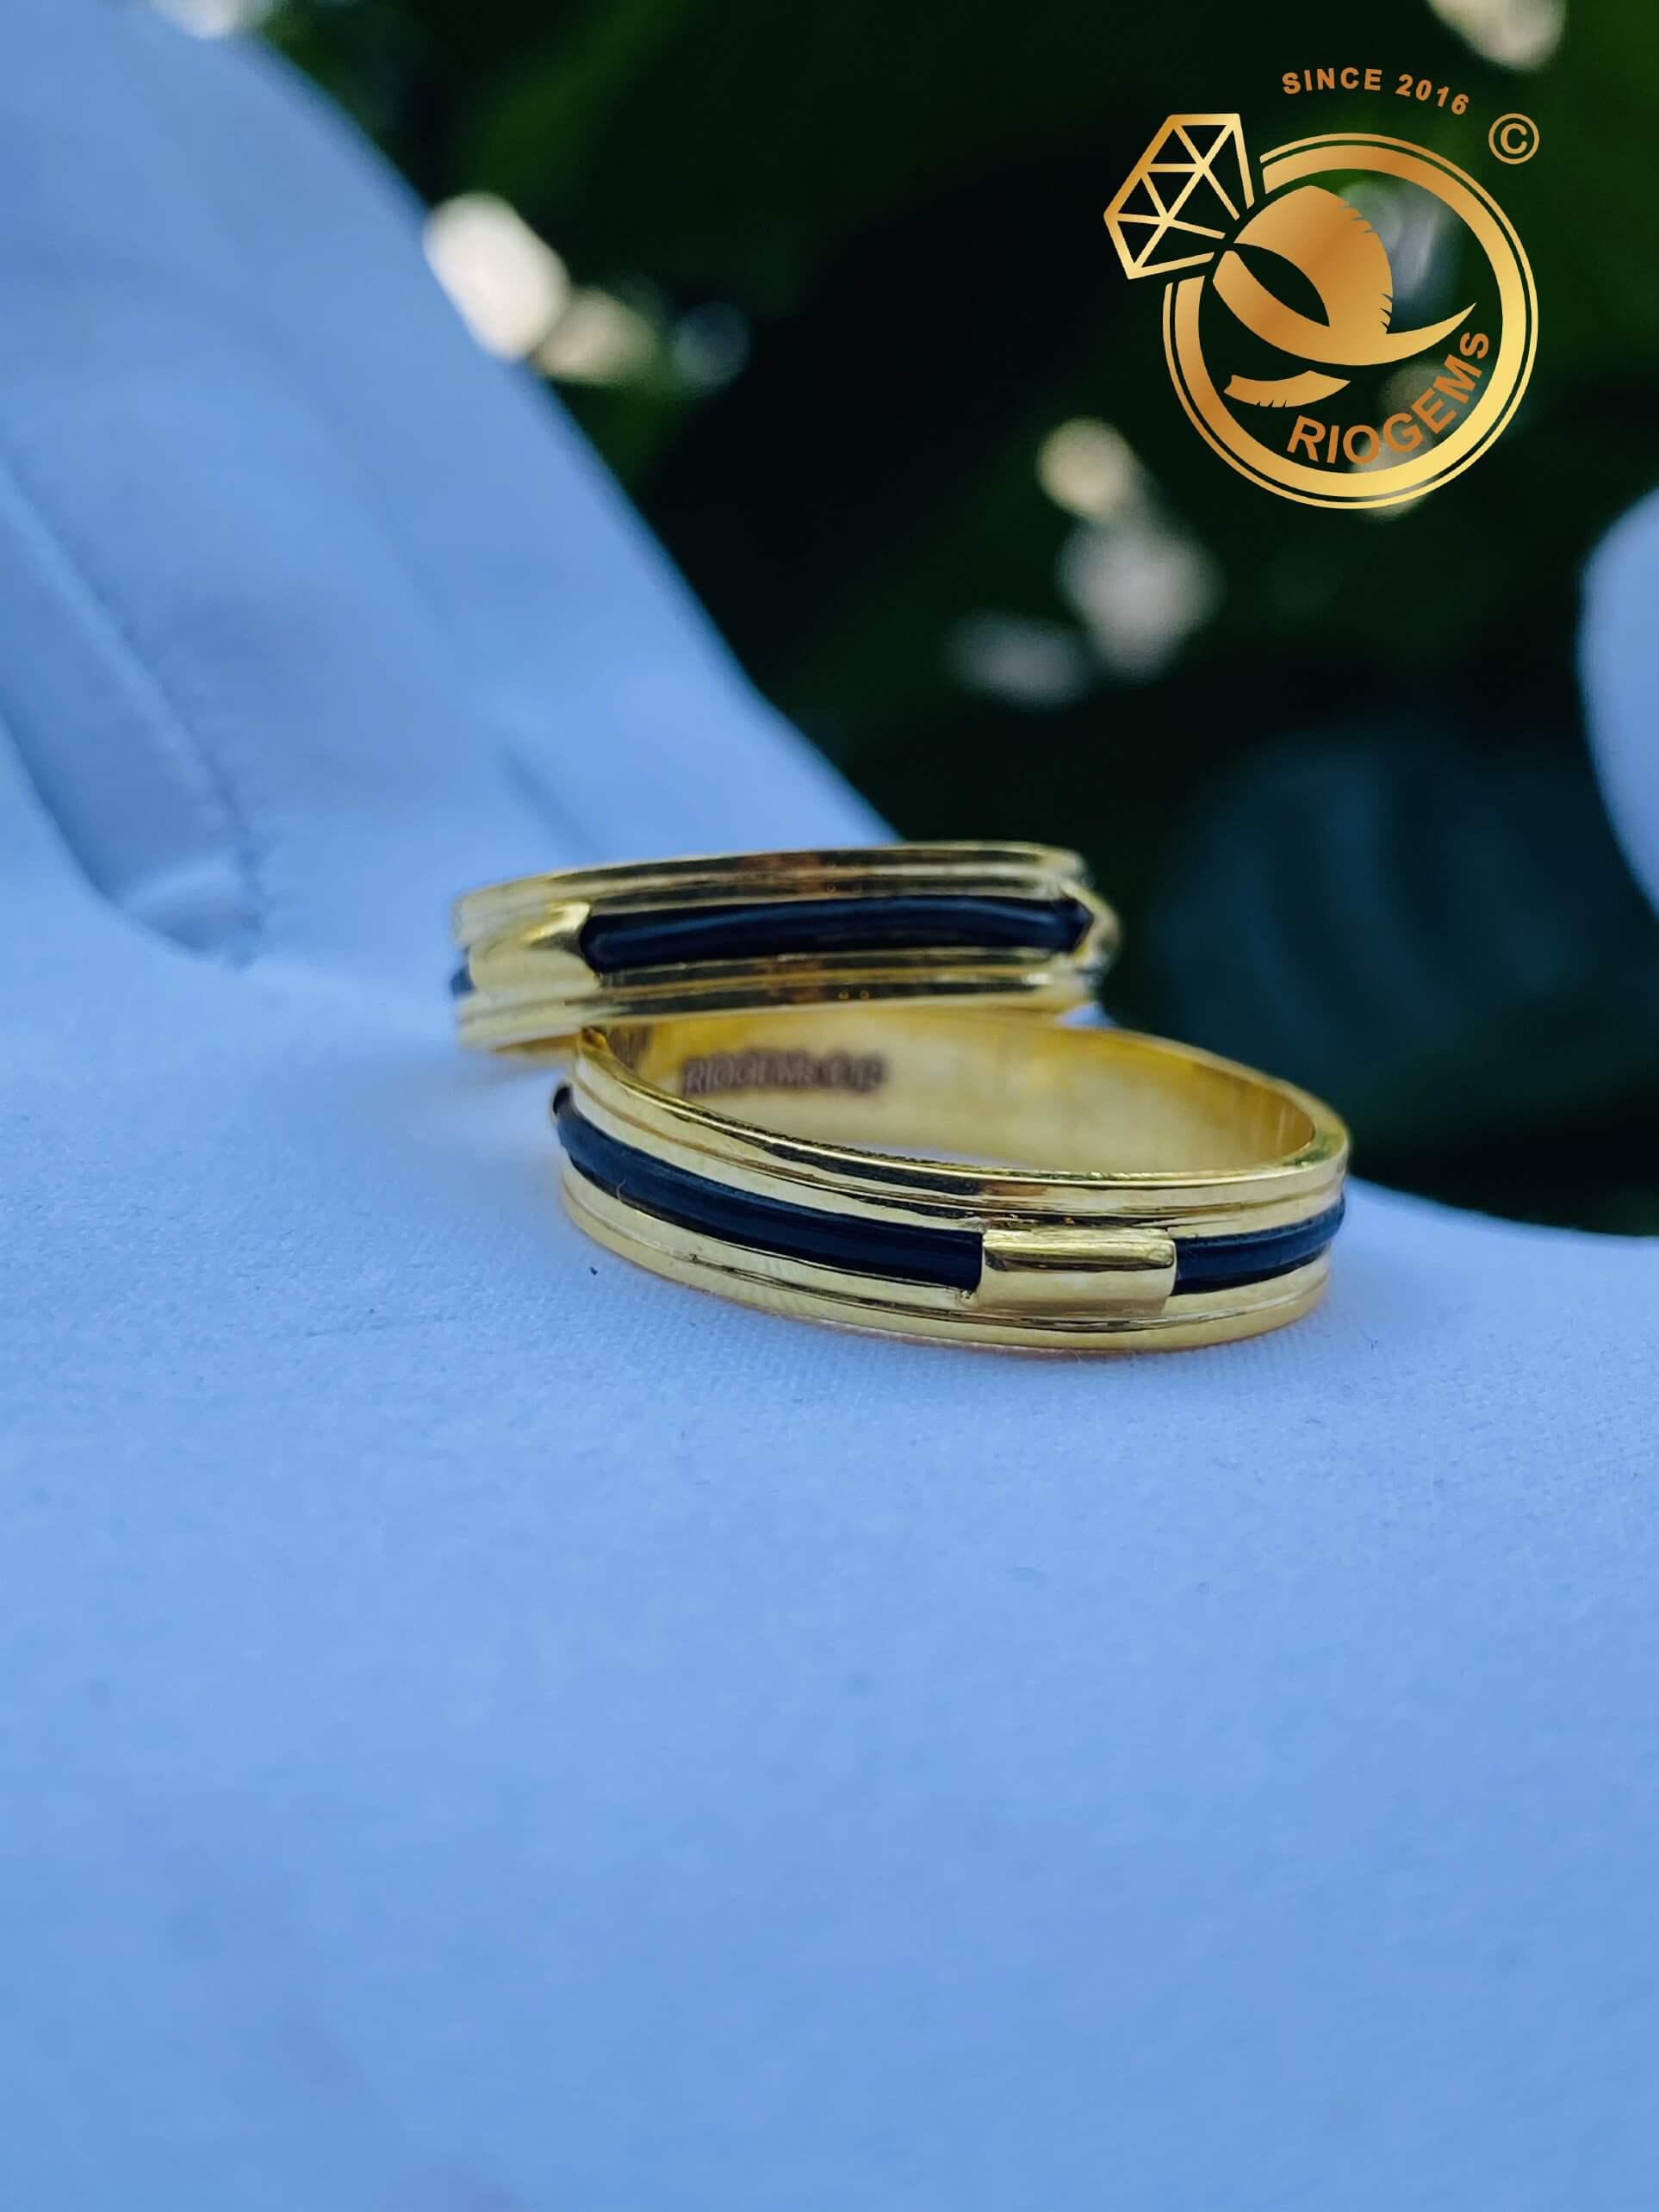 Cặp nhẫn vàng luồng 1 lông voi ngoài 2 rãnh thiết kế đơn giản